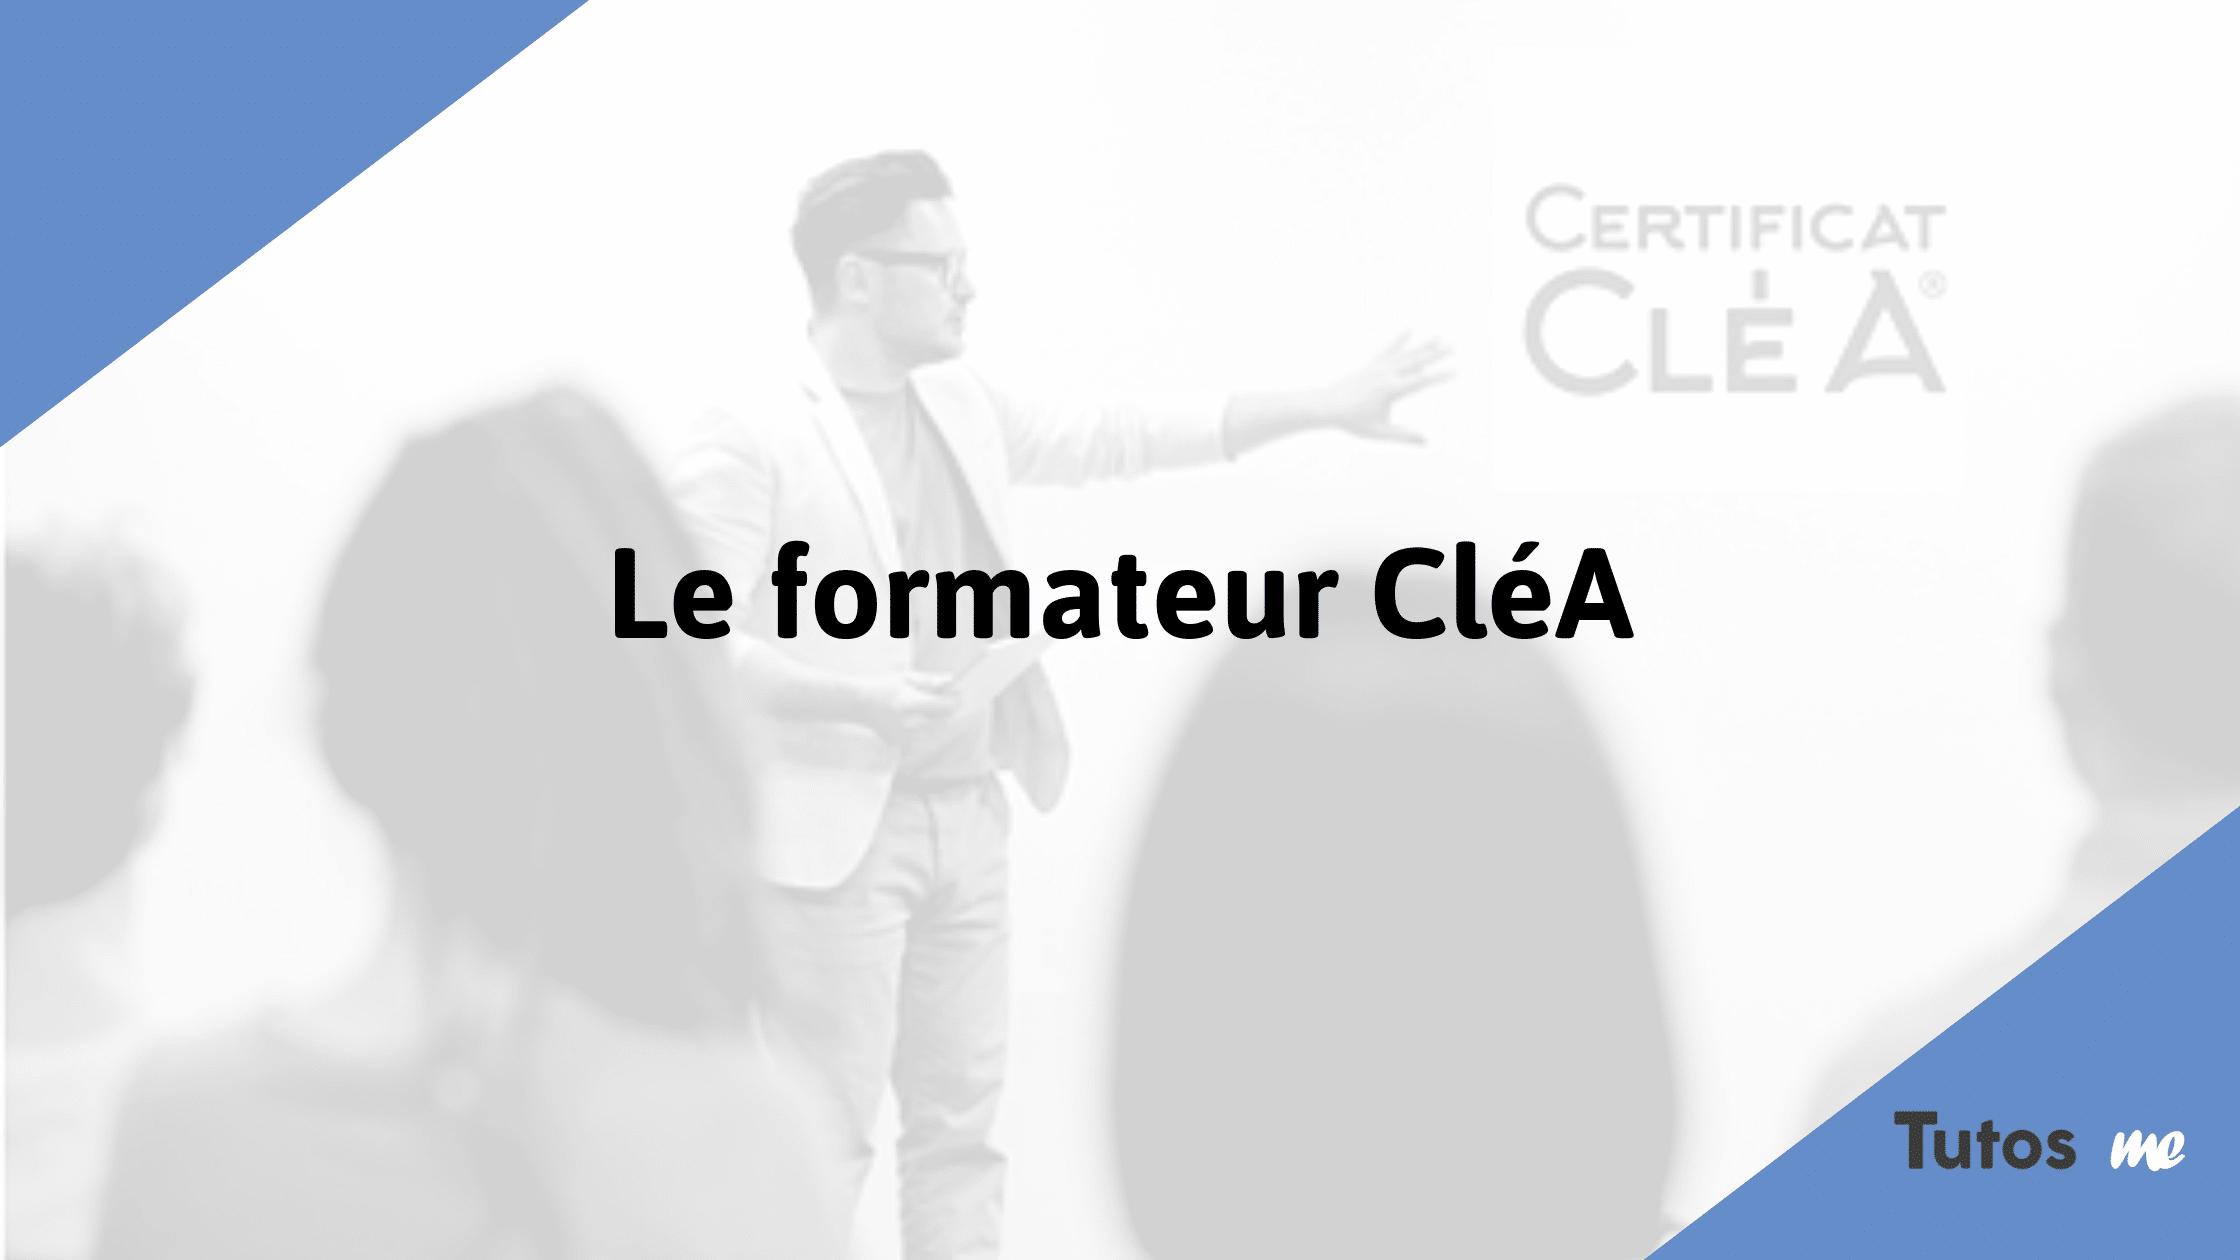 Le formateur CléA